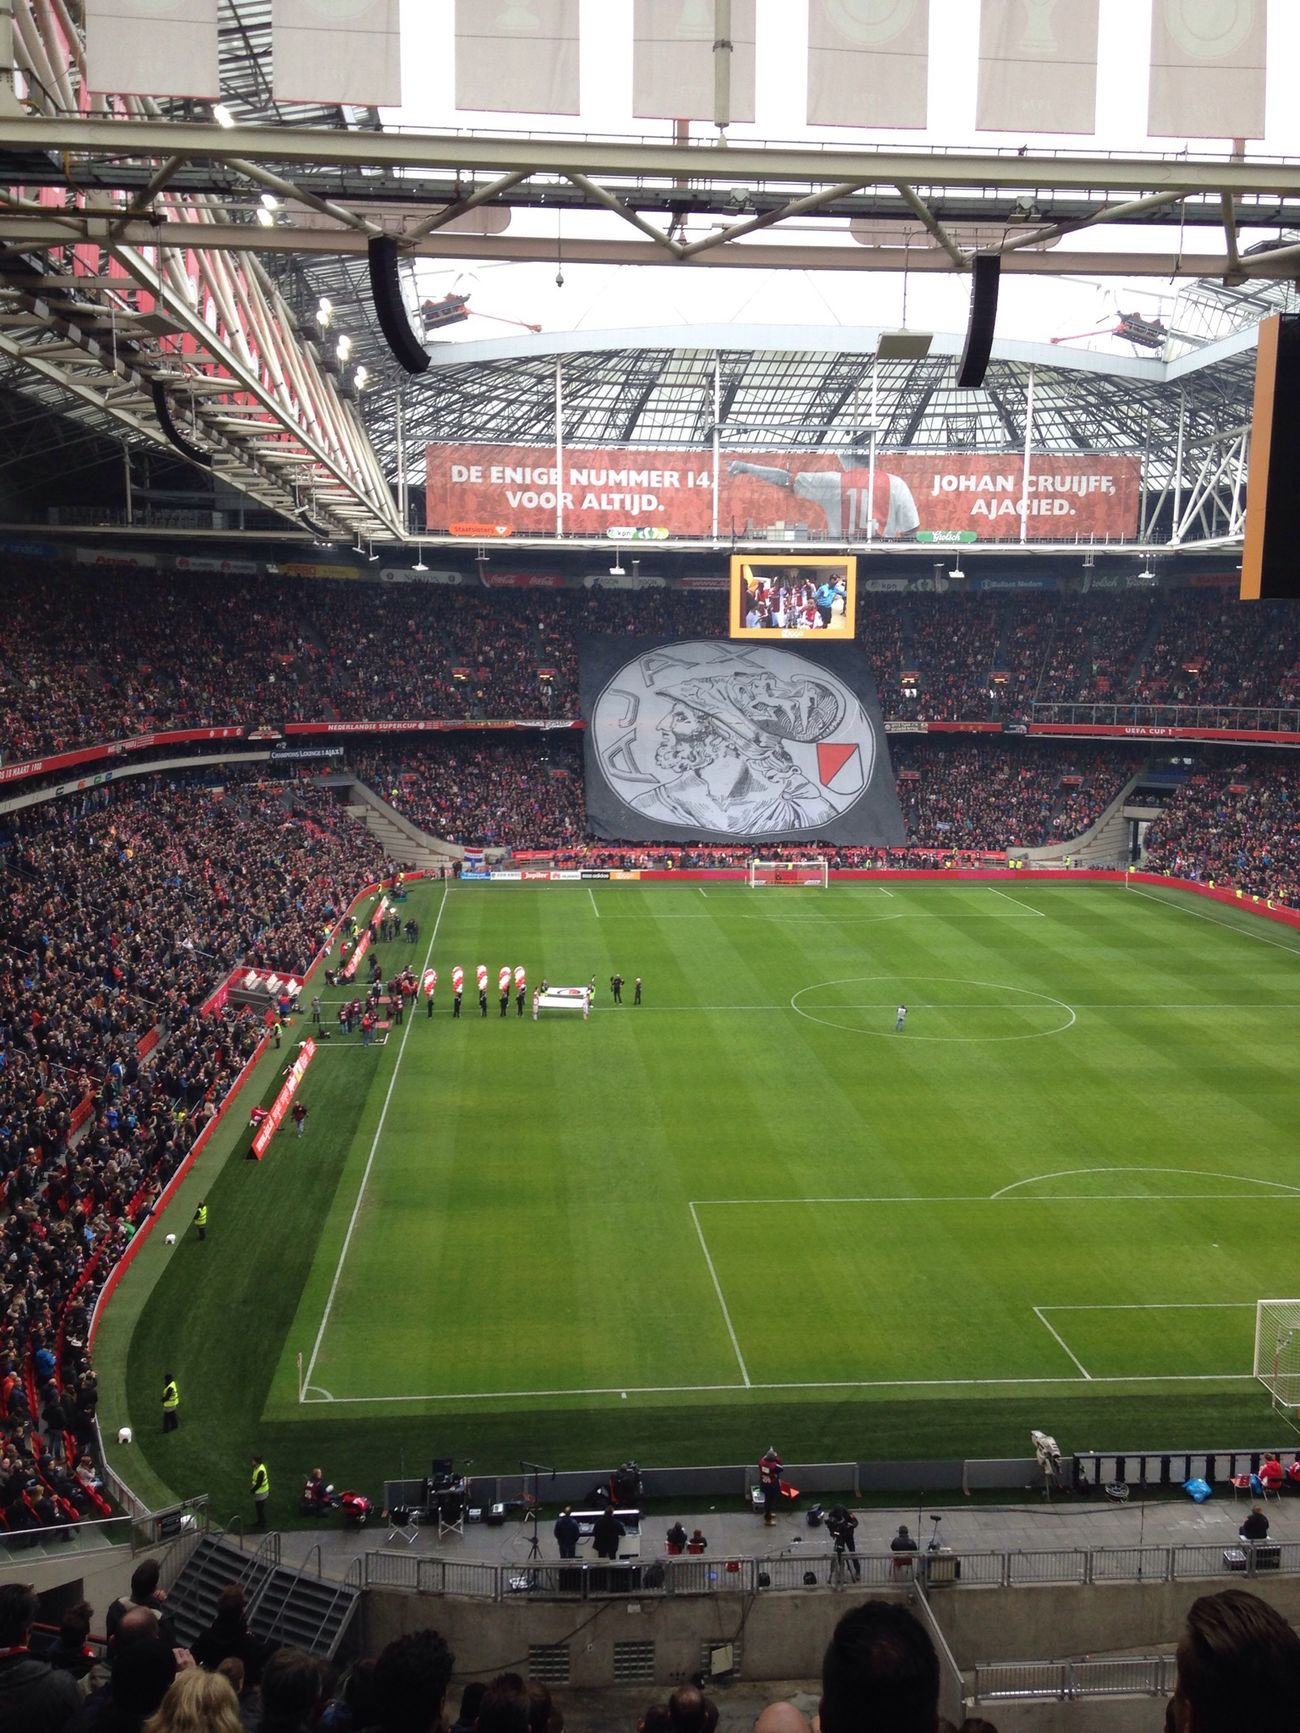 Ajax Afca Feyenoord Eredivisie